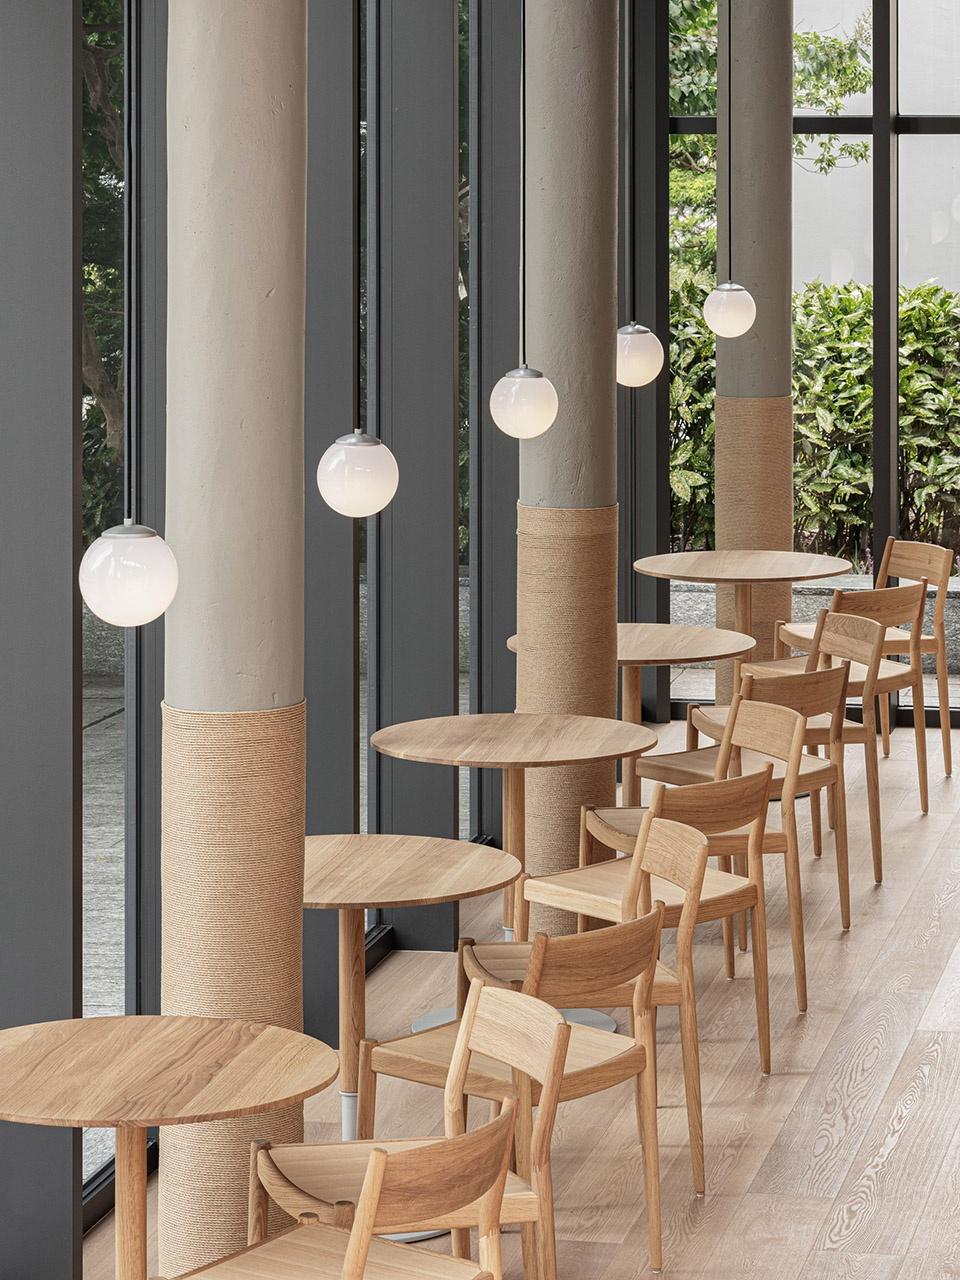 15-Blue-Bottle-Coffee-MinatoMirai-Cafe_Keiji-Ashizawa-Design-960x1280.jpg